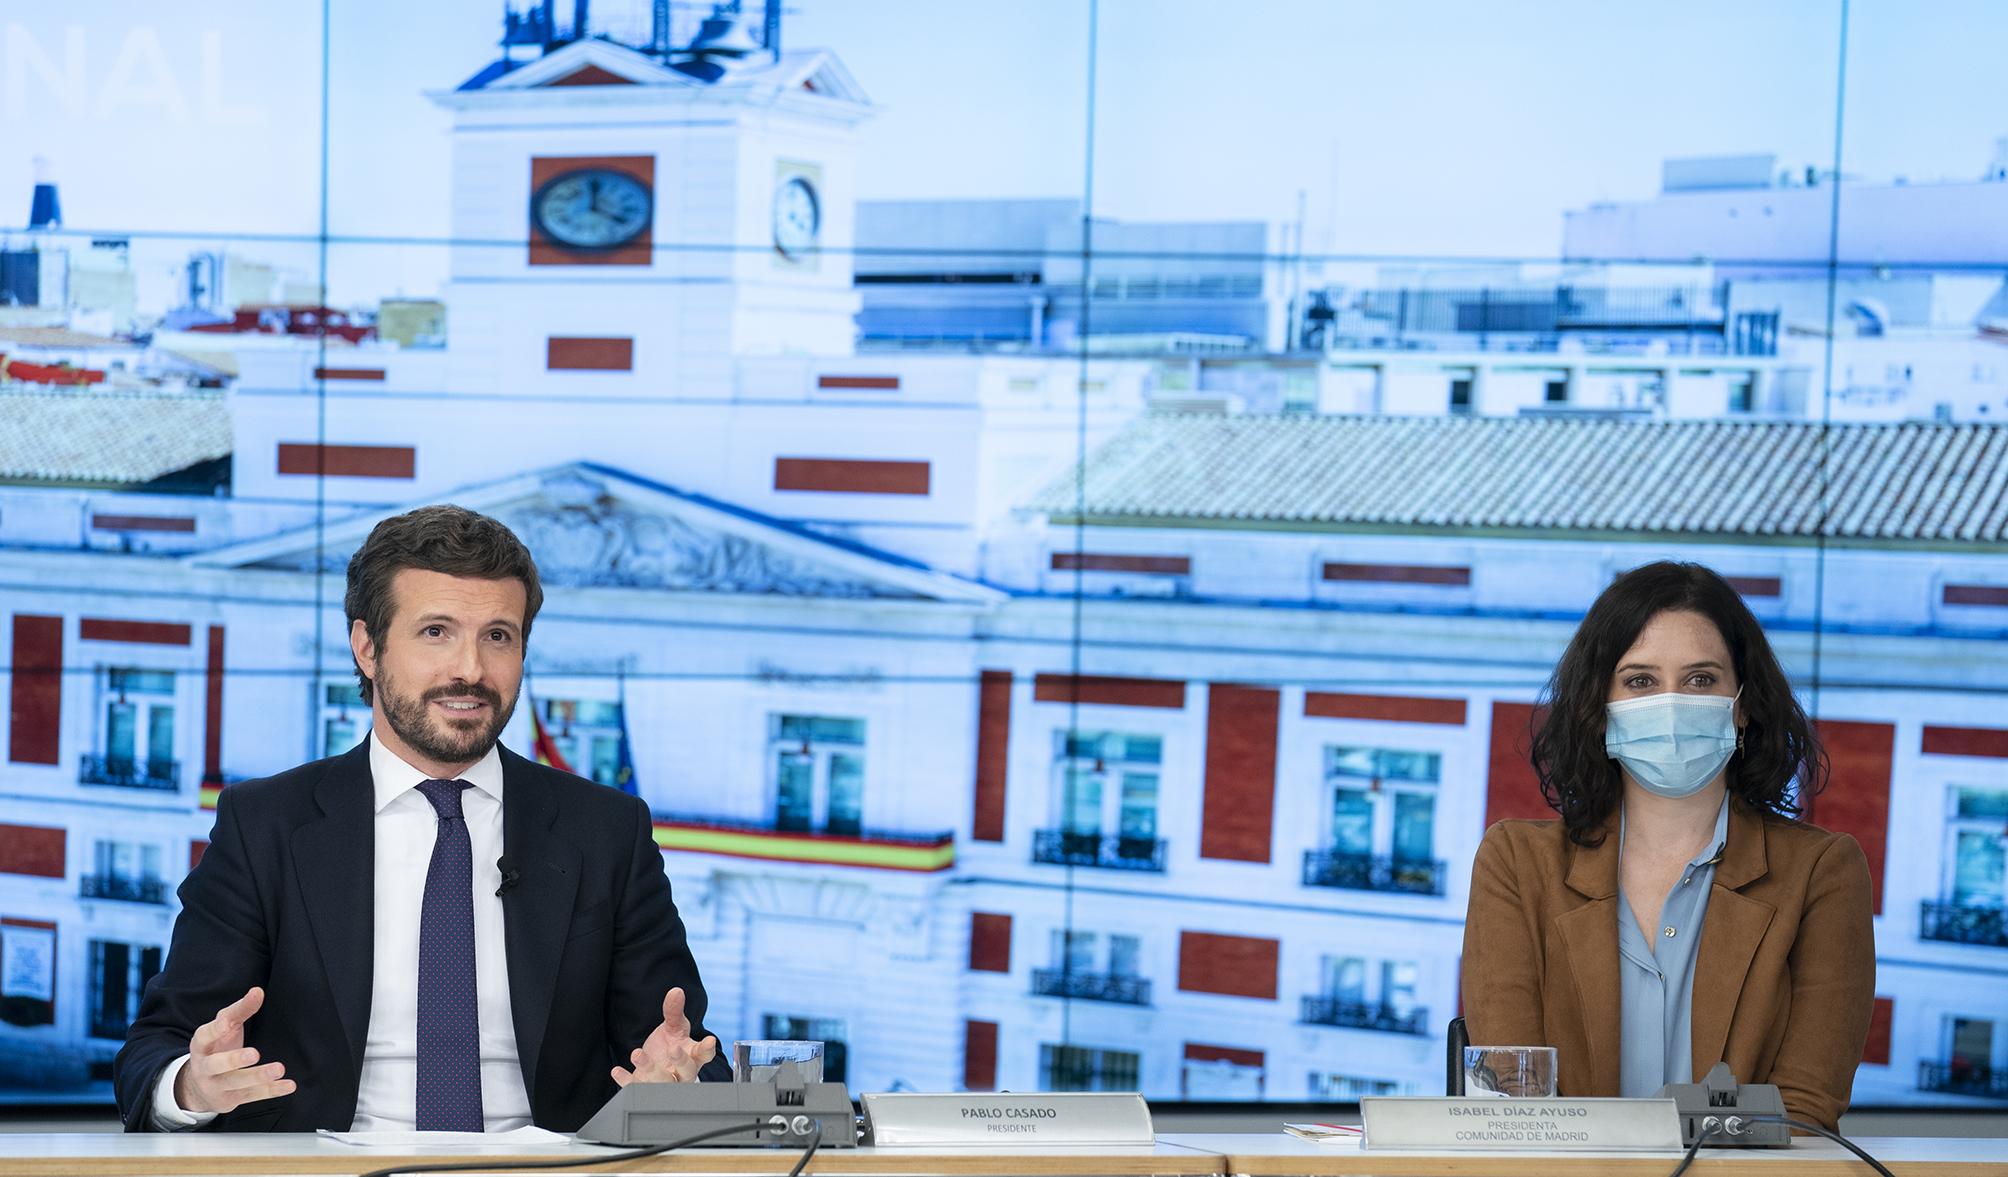 Díaz Ayuso complica la estrategia de Pablo Casado de moverse hacia el centro / Foto: PP